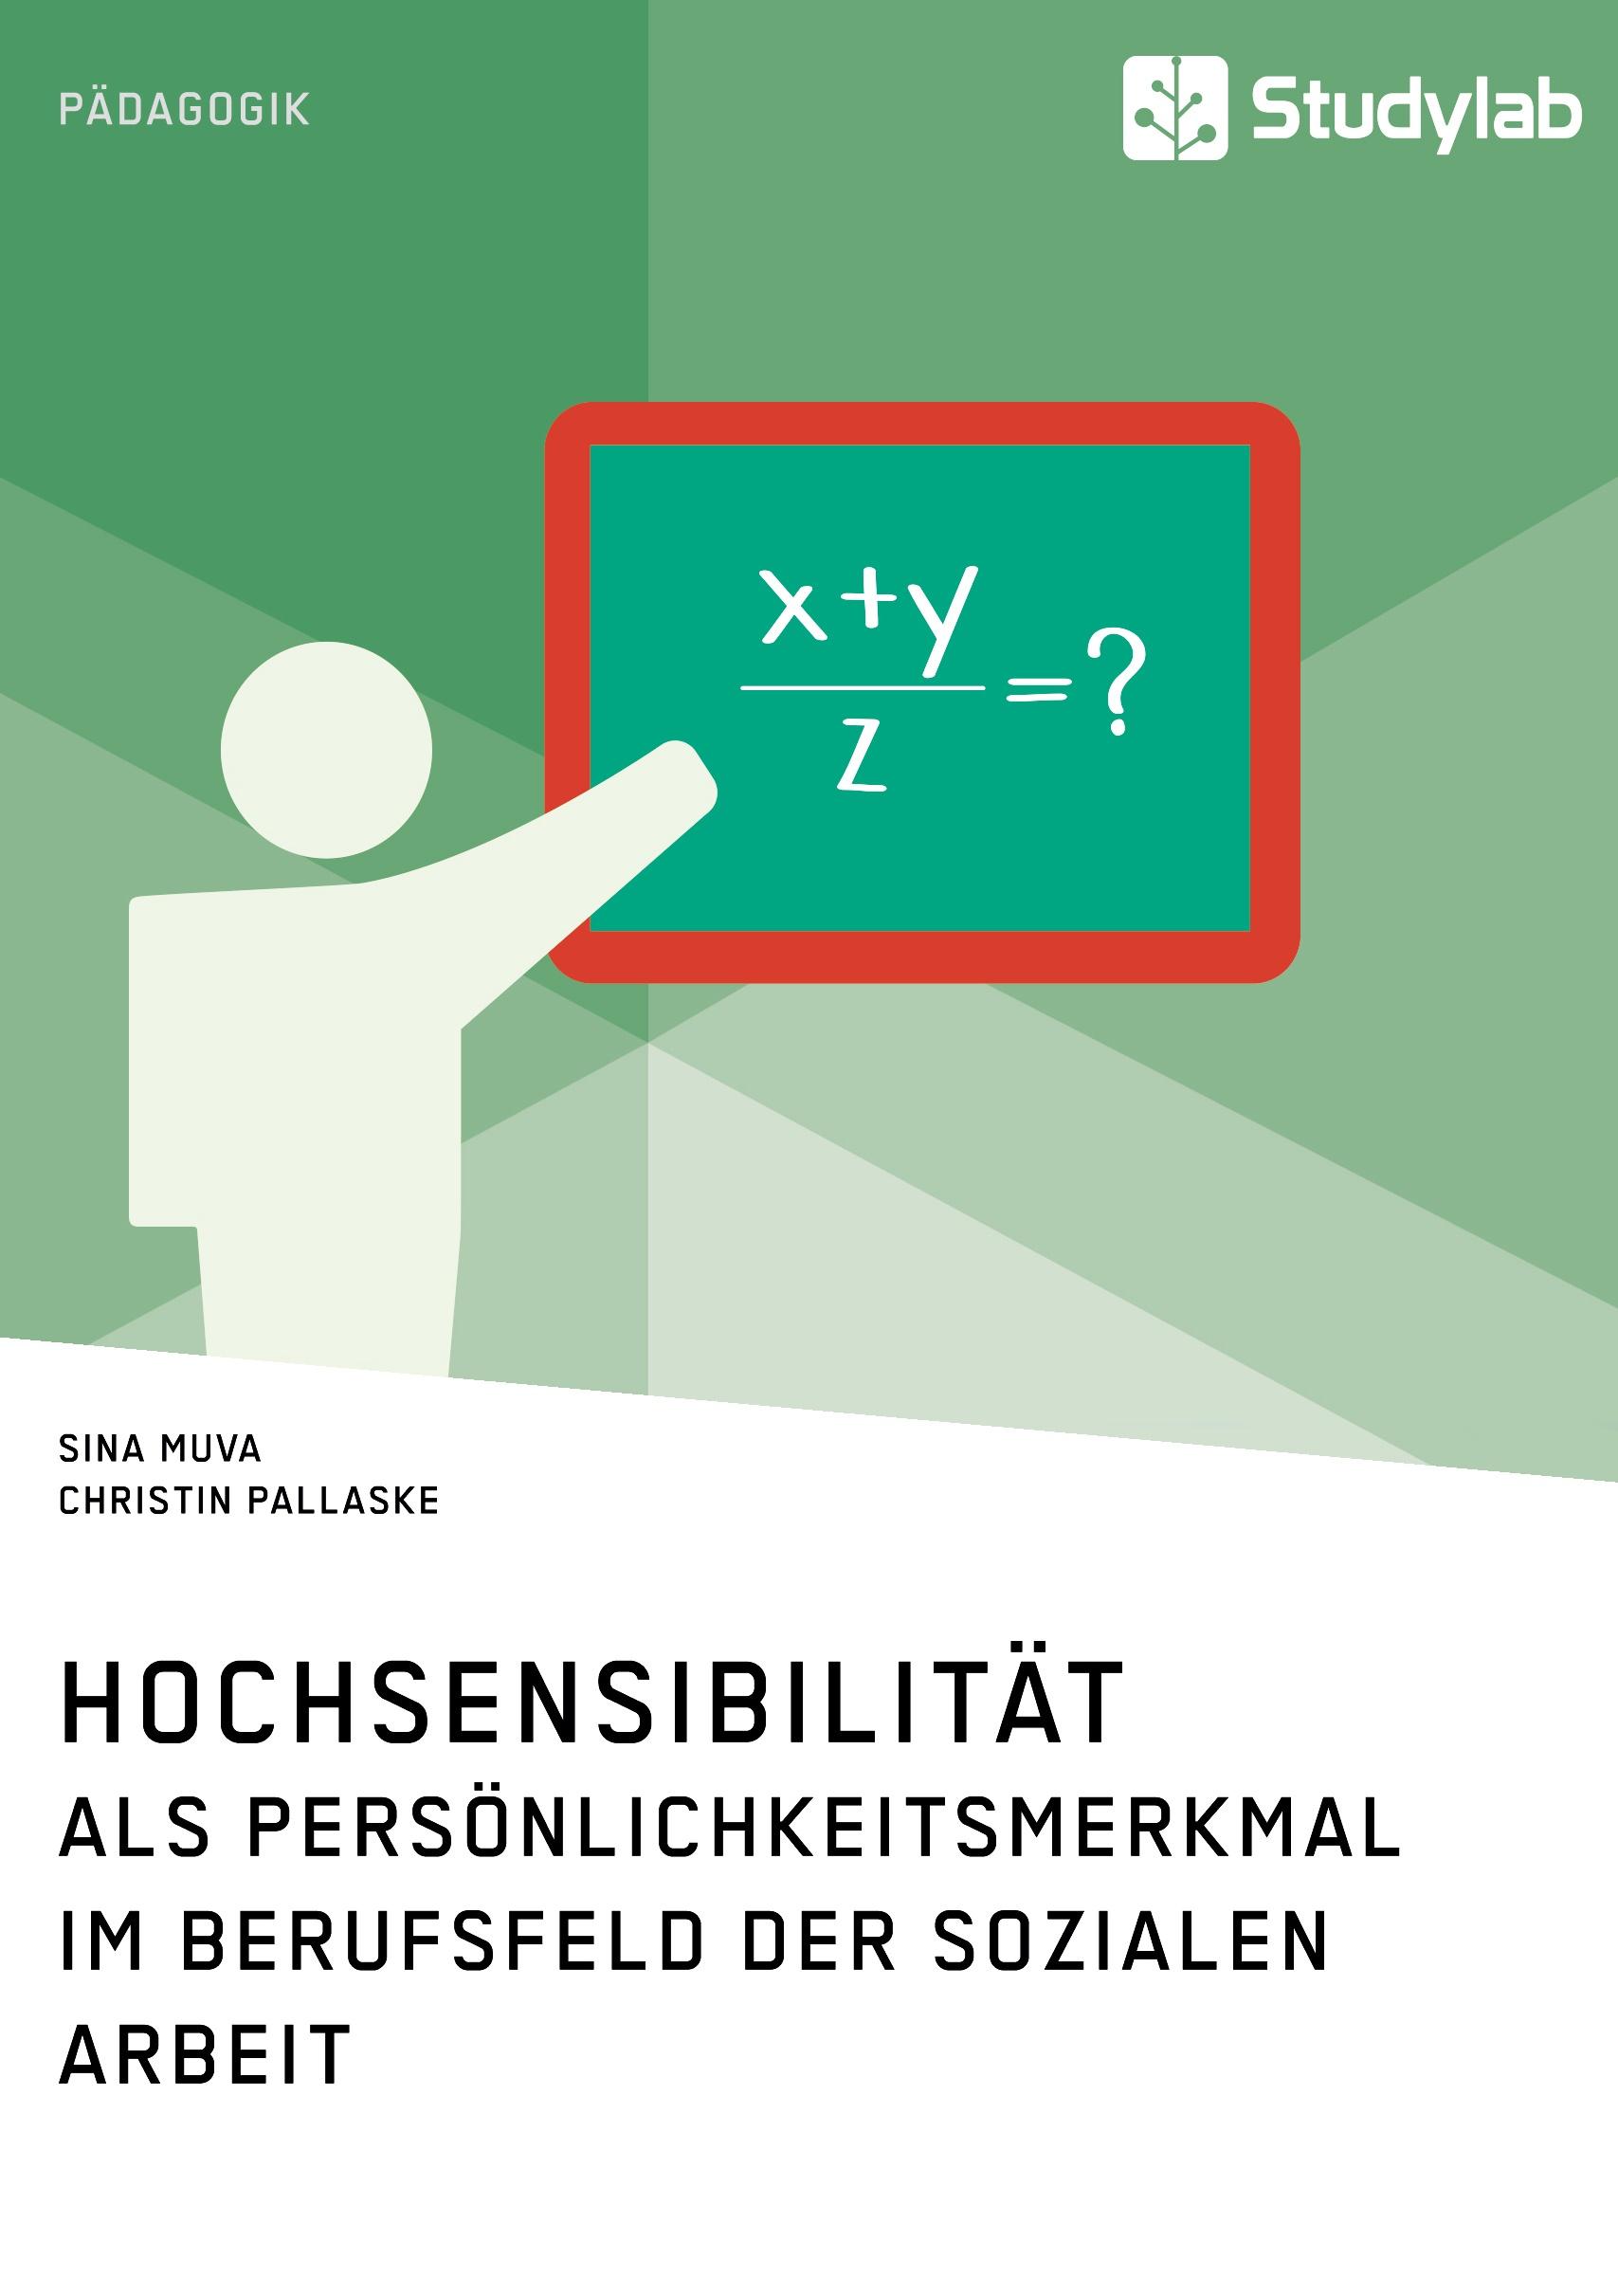 Titel: Hochsensibilität als Persönlichkeitsmerkmal im Berufsfeld der Sozialen Arbeit